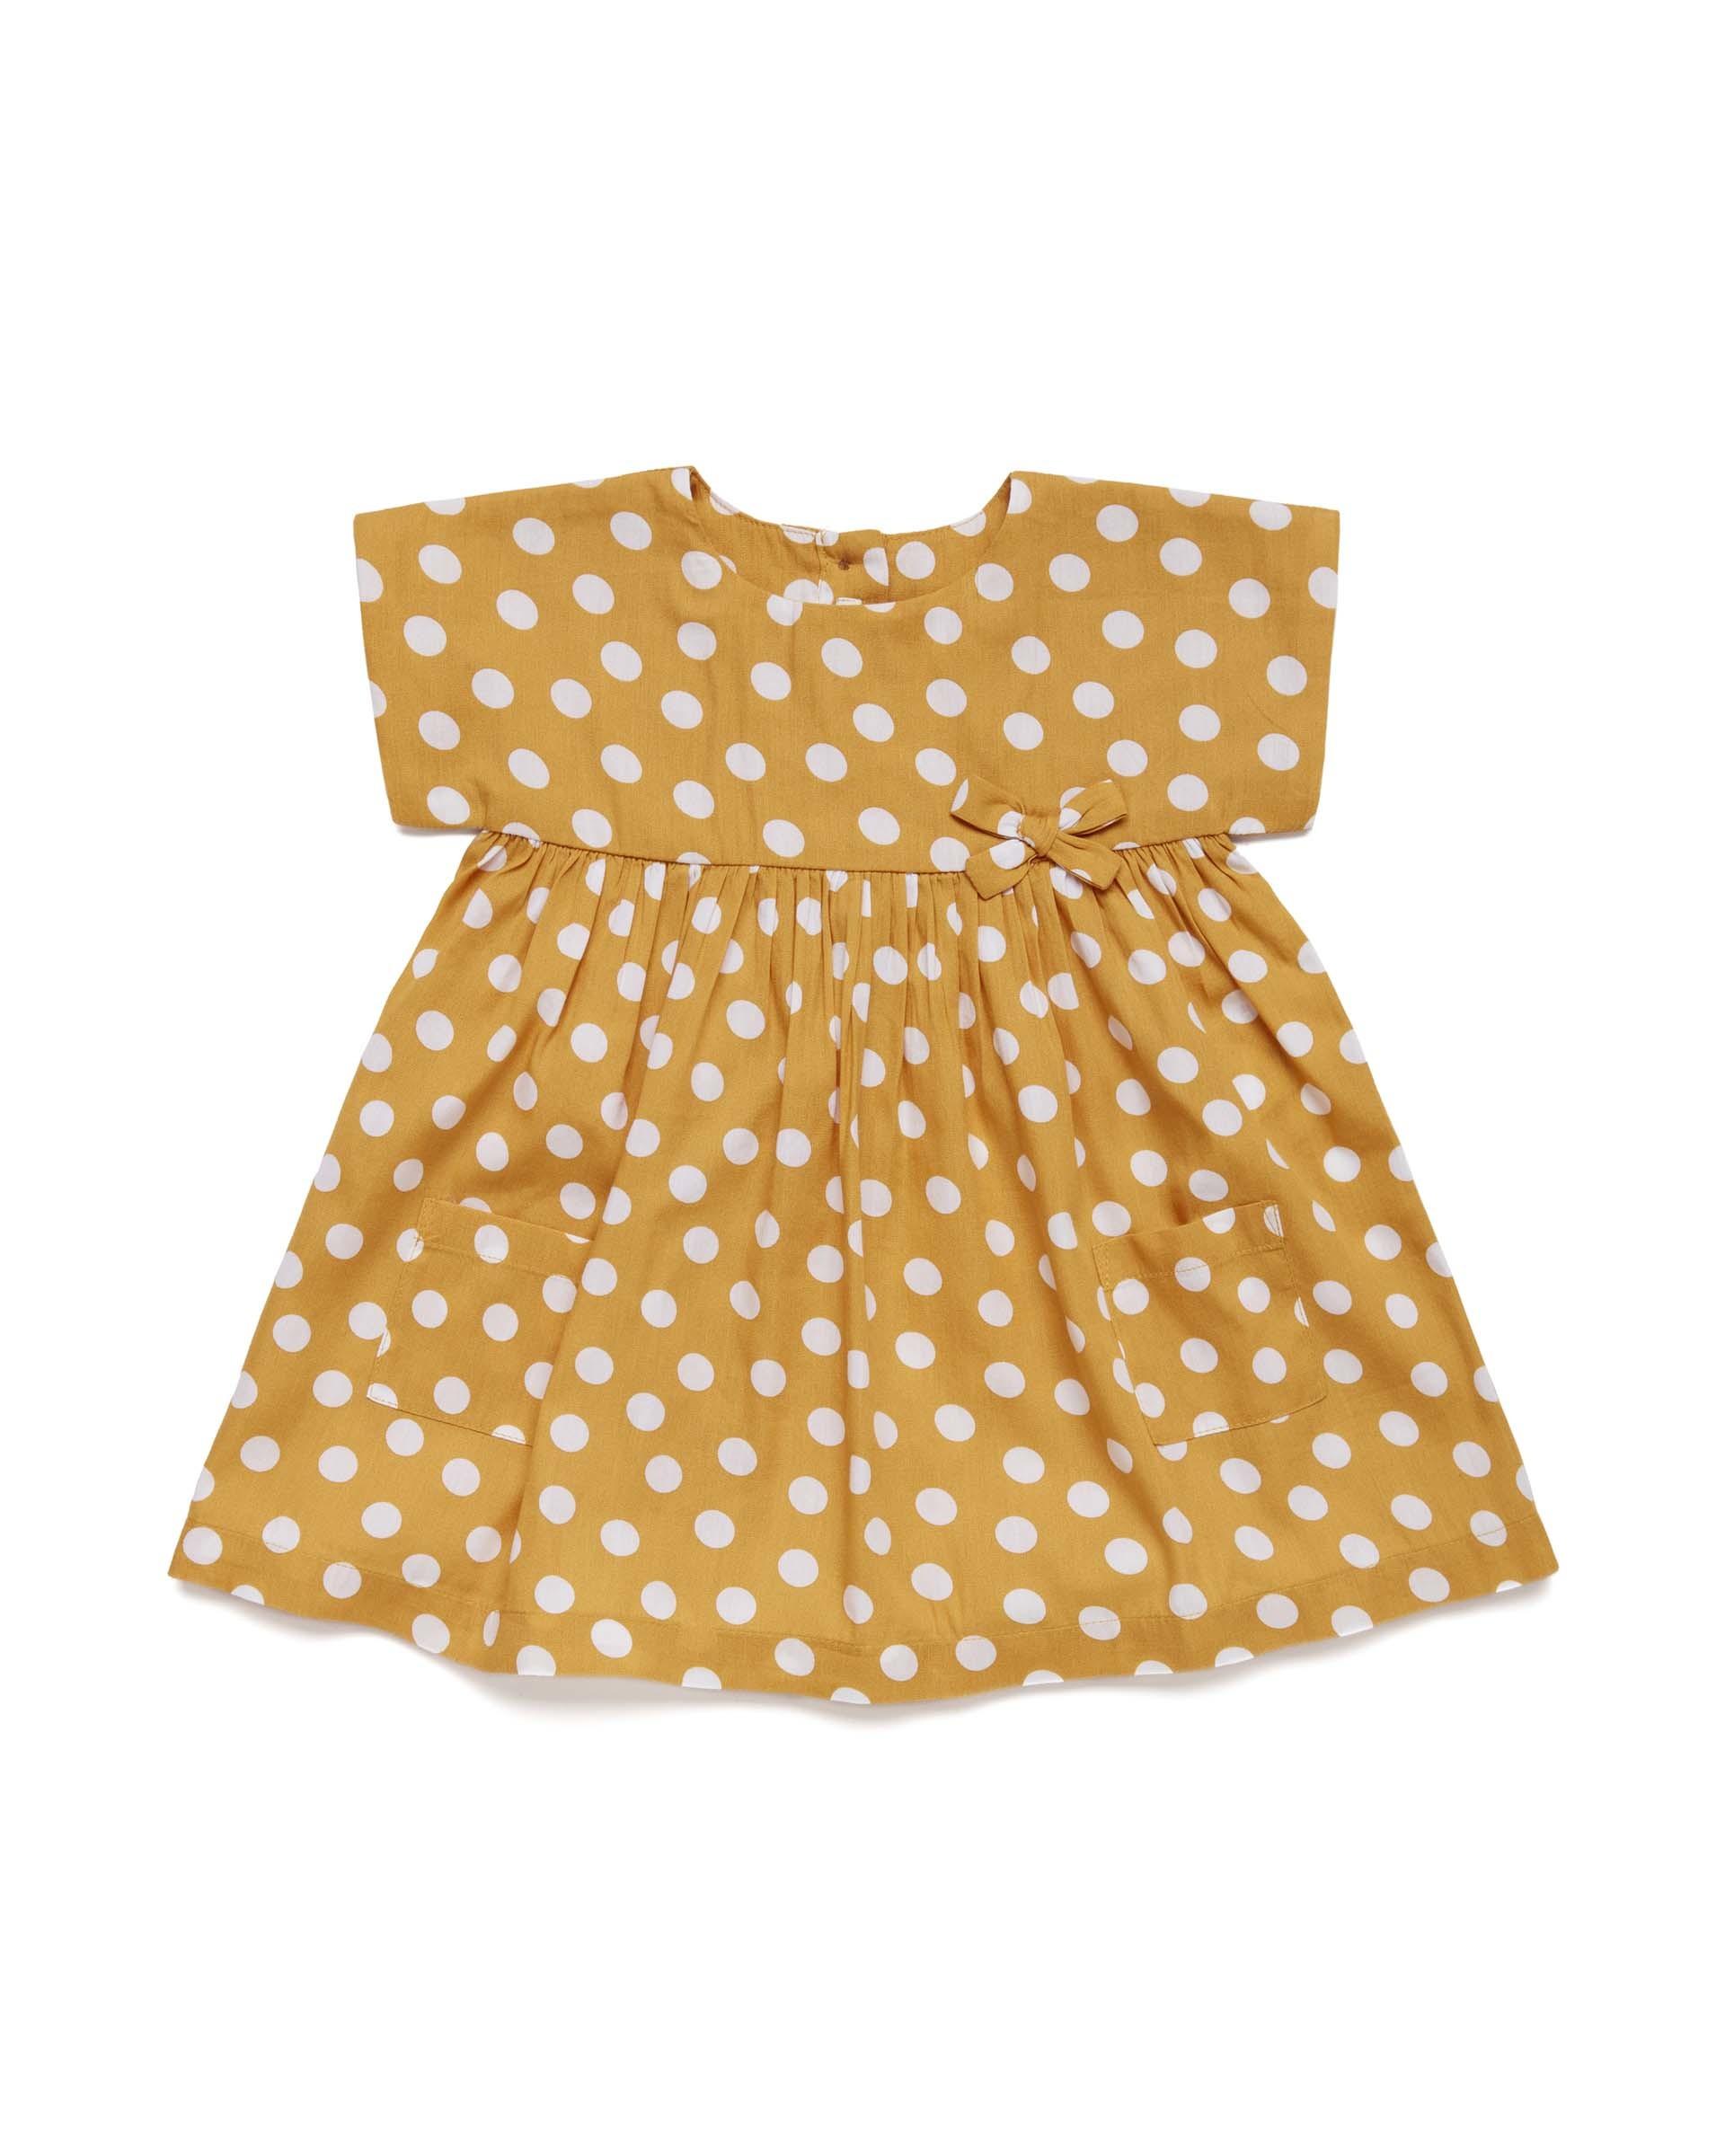 Купить 20P_4OO45V7JE_61Z, Платье для девочек Benetton 4OO45V7JE_61Z р-р 74, United Colors of Benetton, Платья для новорожденных